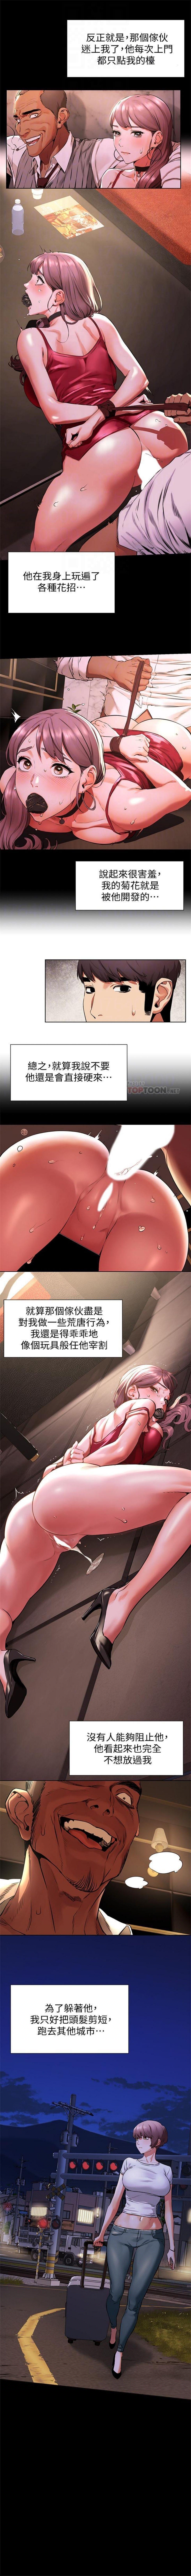 衝突 1-100官方中文(連載中) 547